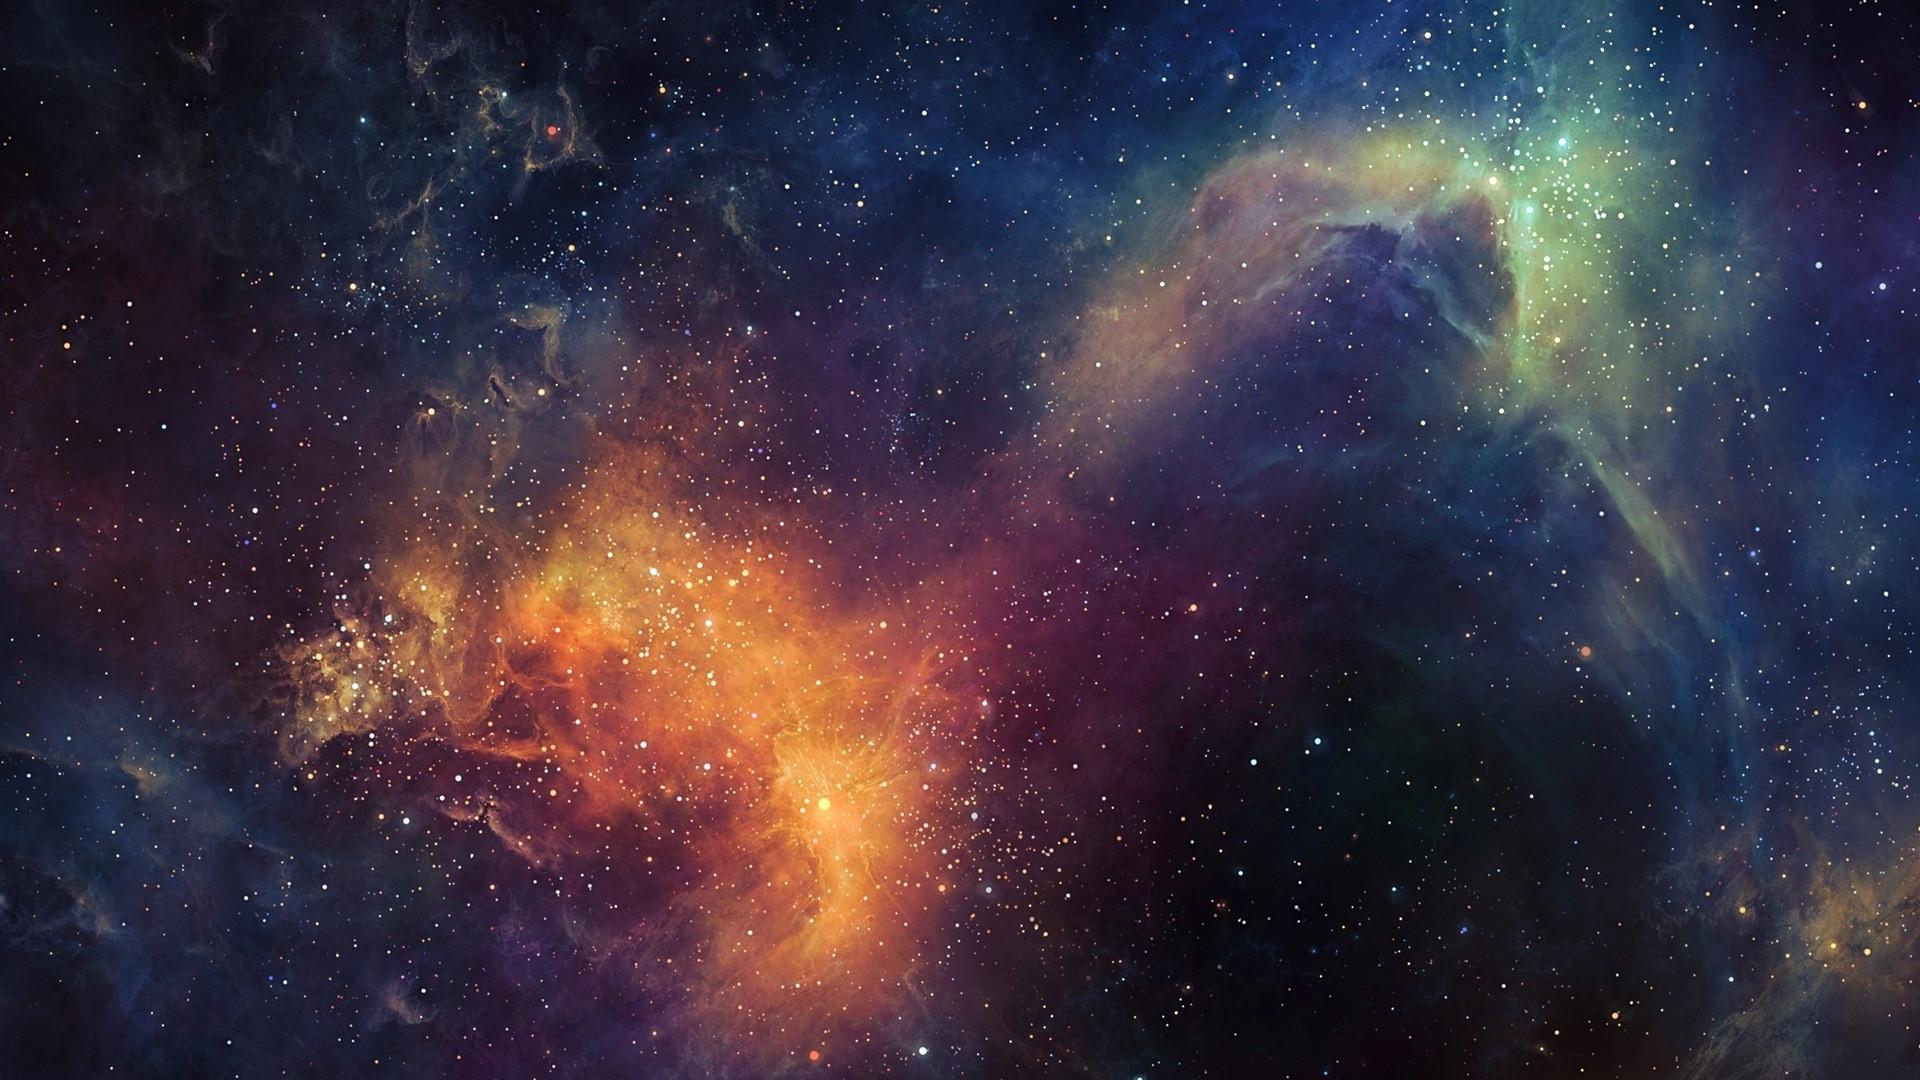 Ученые изсоедененных штатов назвали Солнечную систему нелучшим местом для жизни